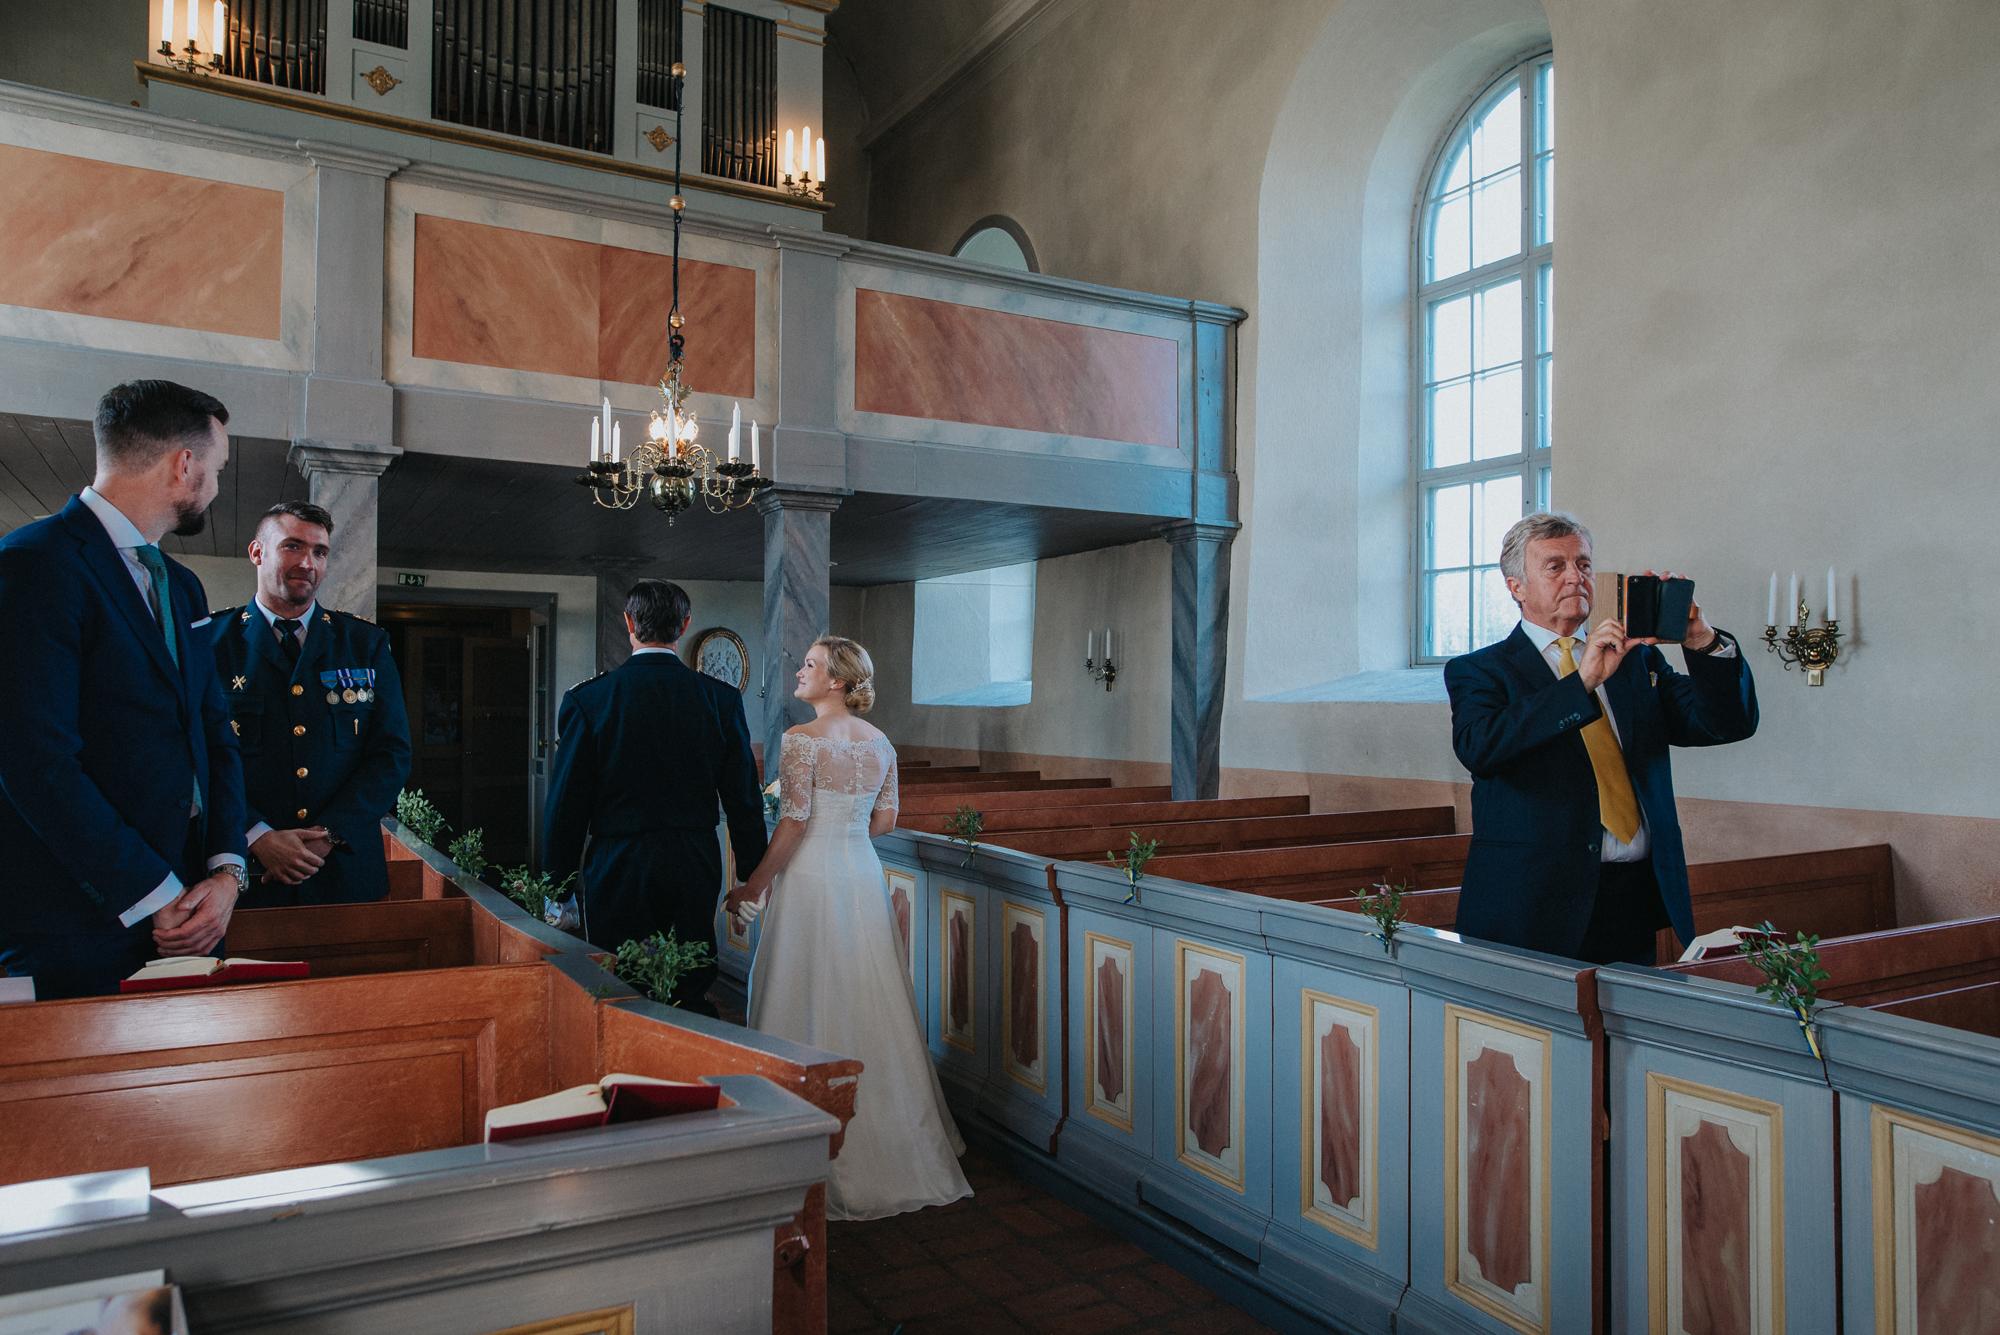 036-bröllopsfotograf-vassunda-knivsta-neas-fotografi.jpg